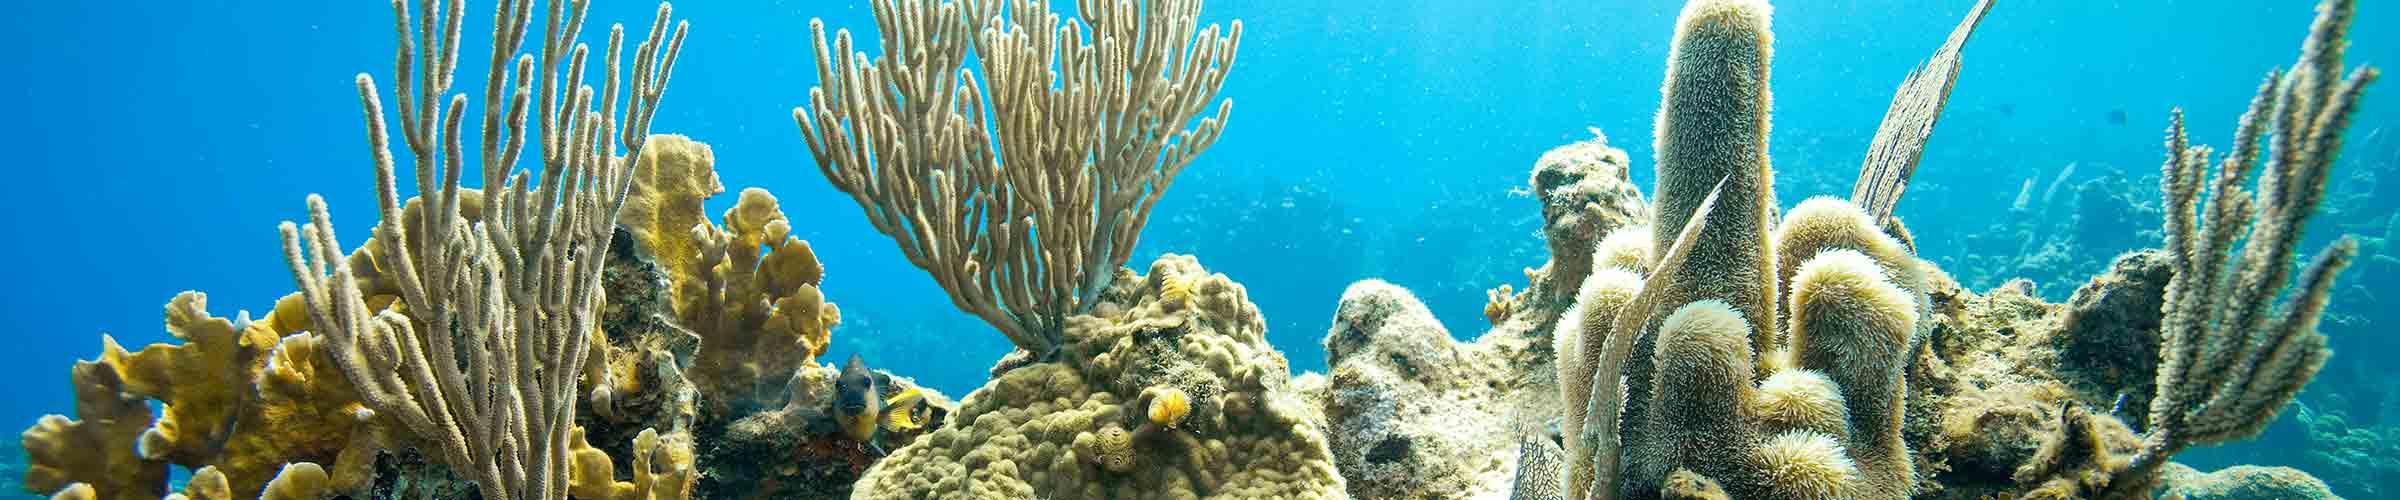 coral ocean conservancy